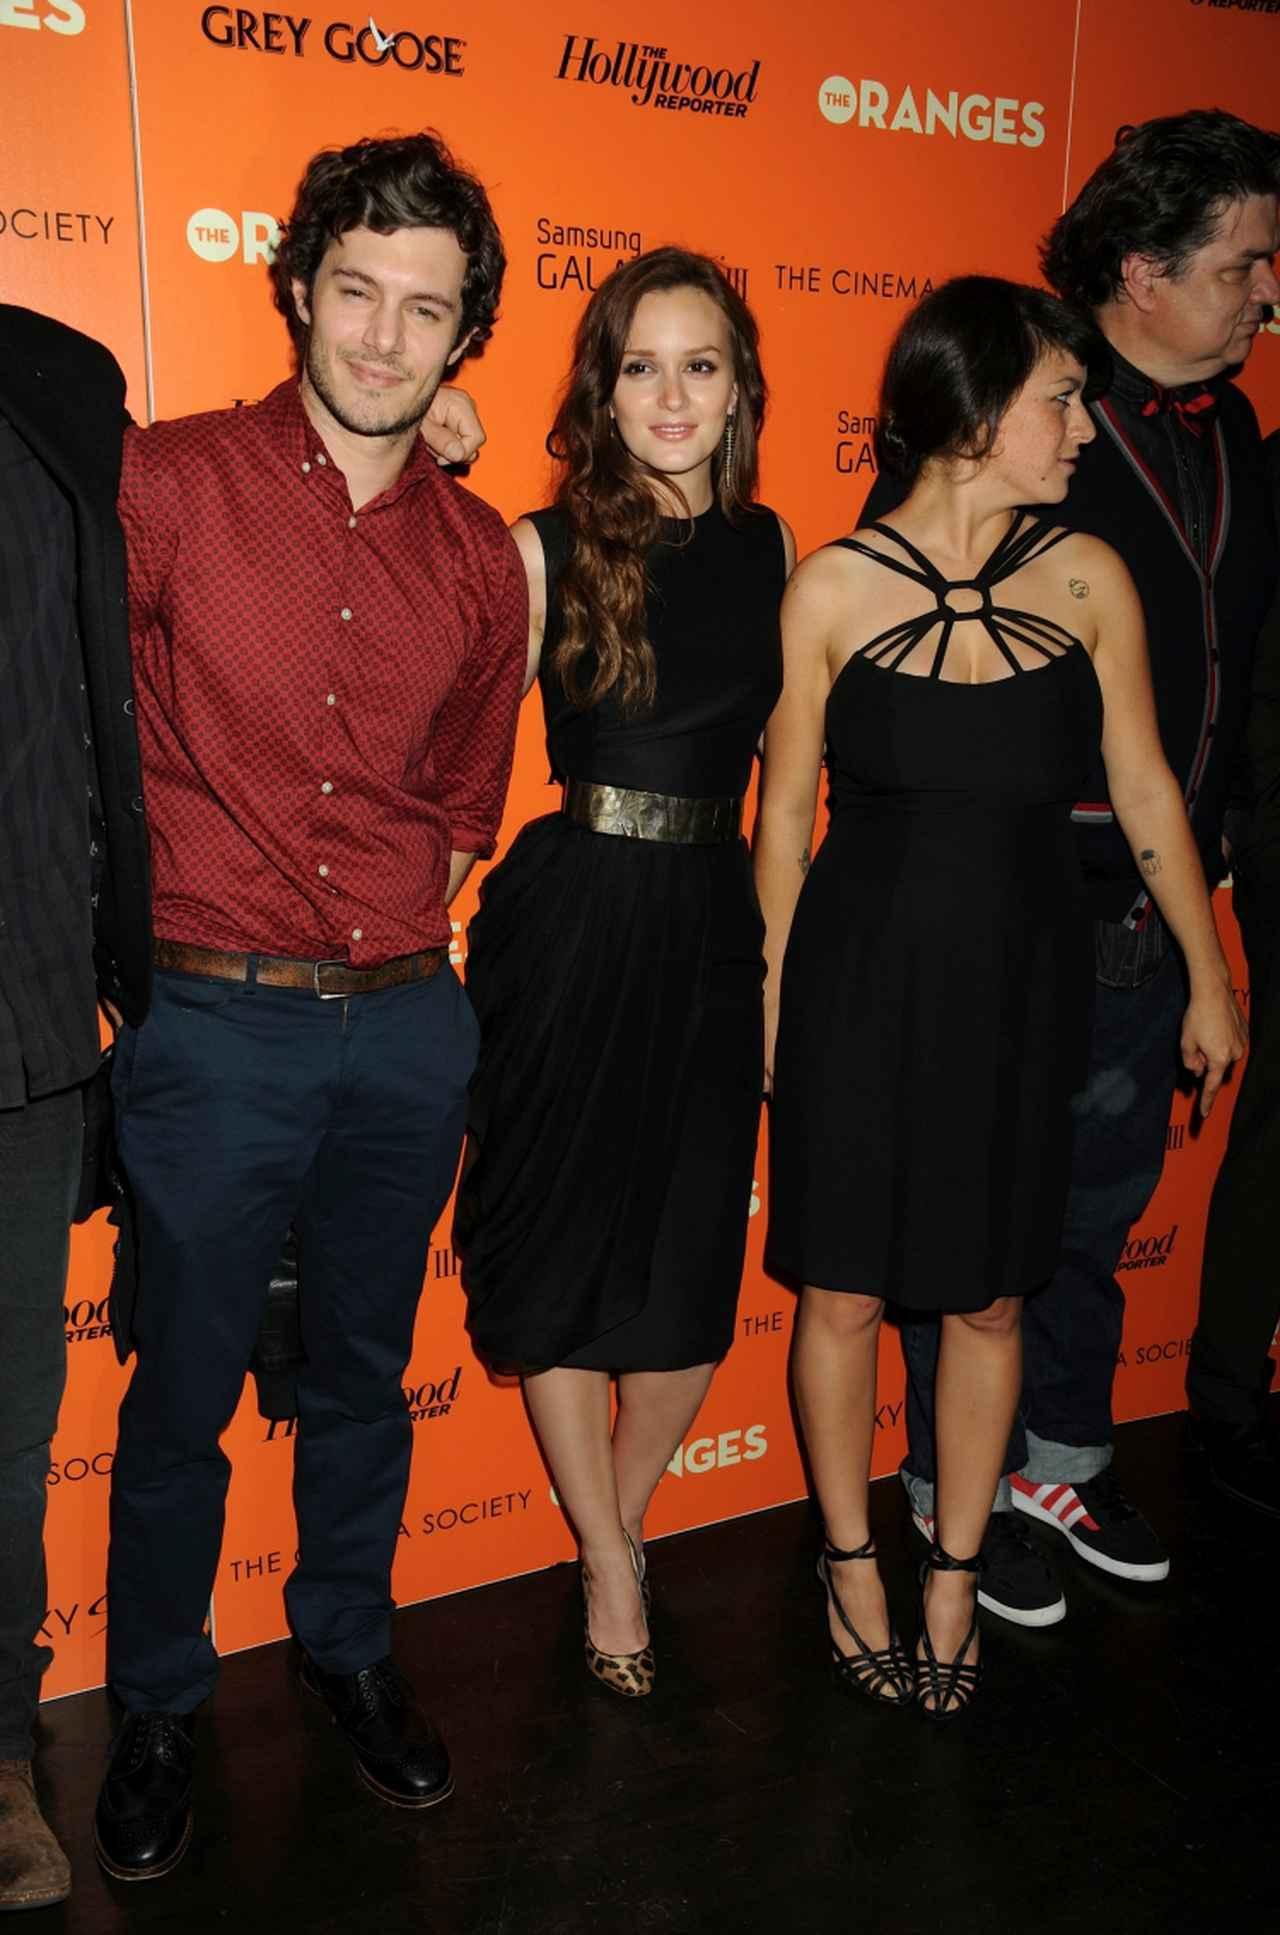 画像: 2012年9月に行なわれた映画『The Oranges』の上映会にて。